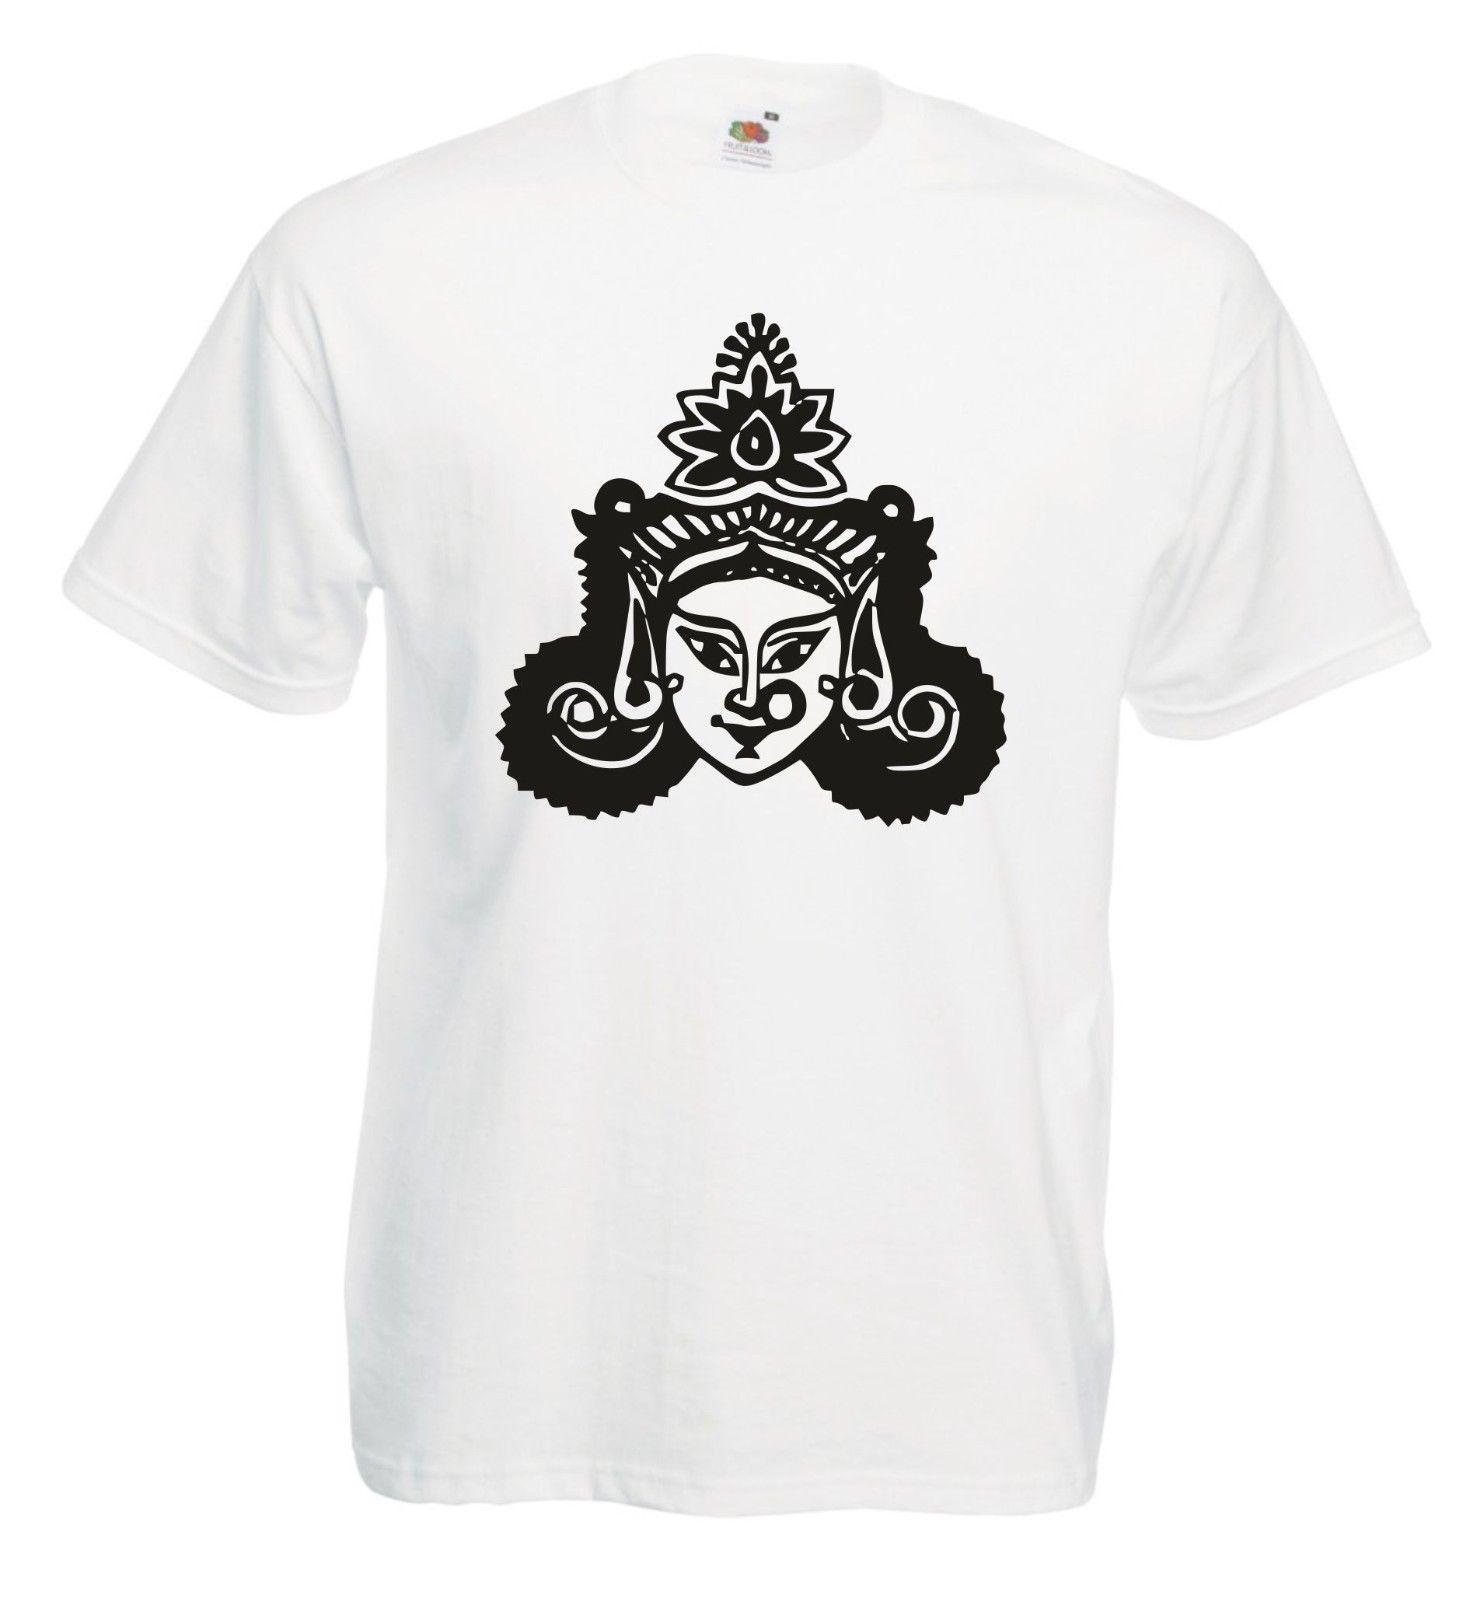 2019 nouveauté Stringer hommes Kali Hindou déesse temps, Changement & Destruction T-Shirt-Toutes Les Taille t-shirts